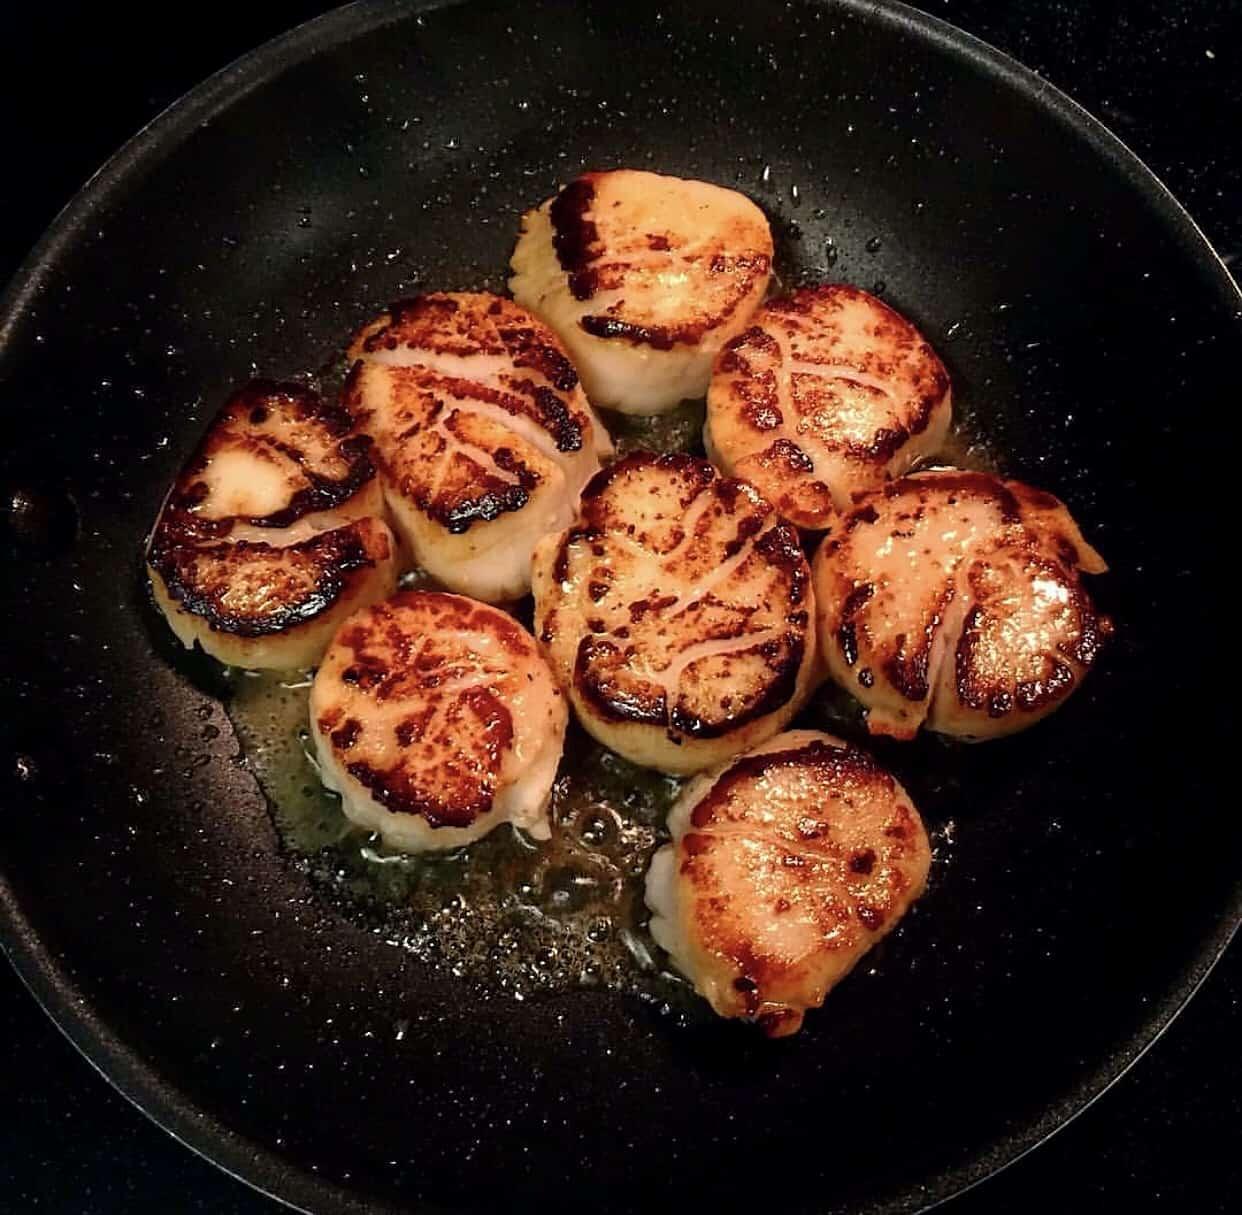 Seared scallops in a pan